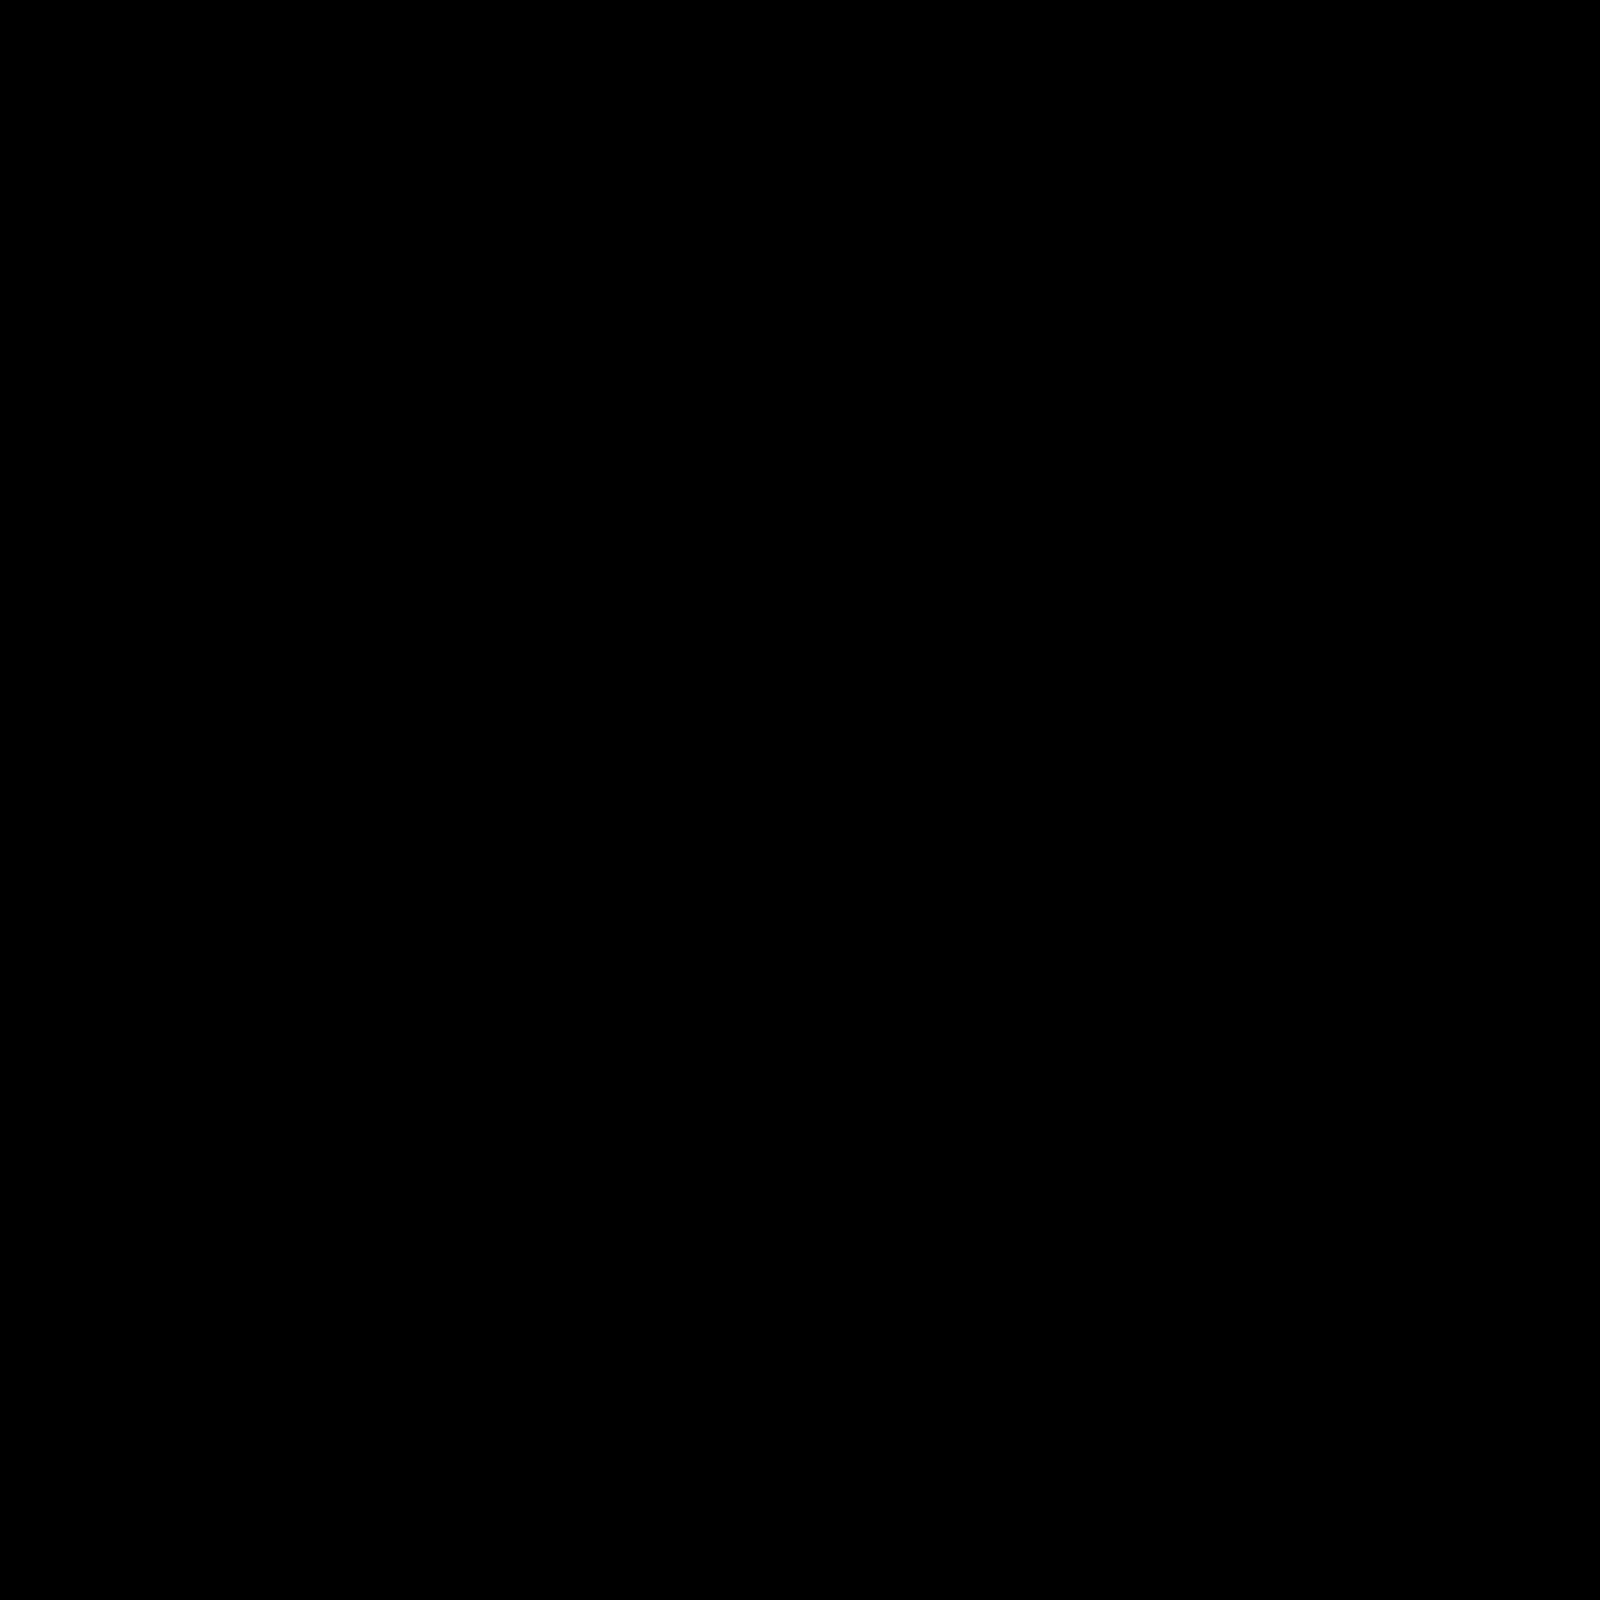 マーテルの家 icon. The icon consists of a circle with many points along the circumference and a long line with a diamond point at one end. The line starts at the bottom left of the circle and pierces through the circle at an off-center location.